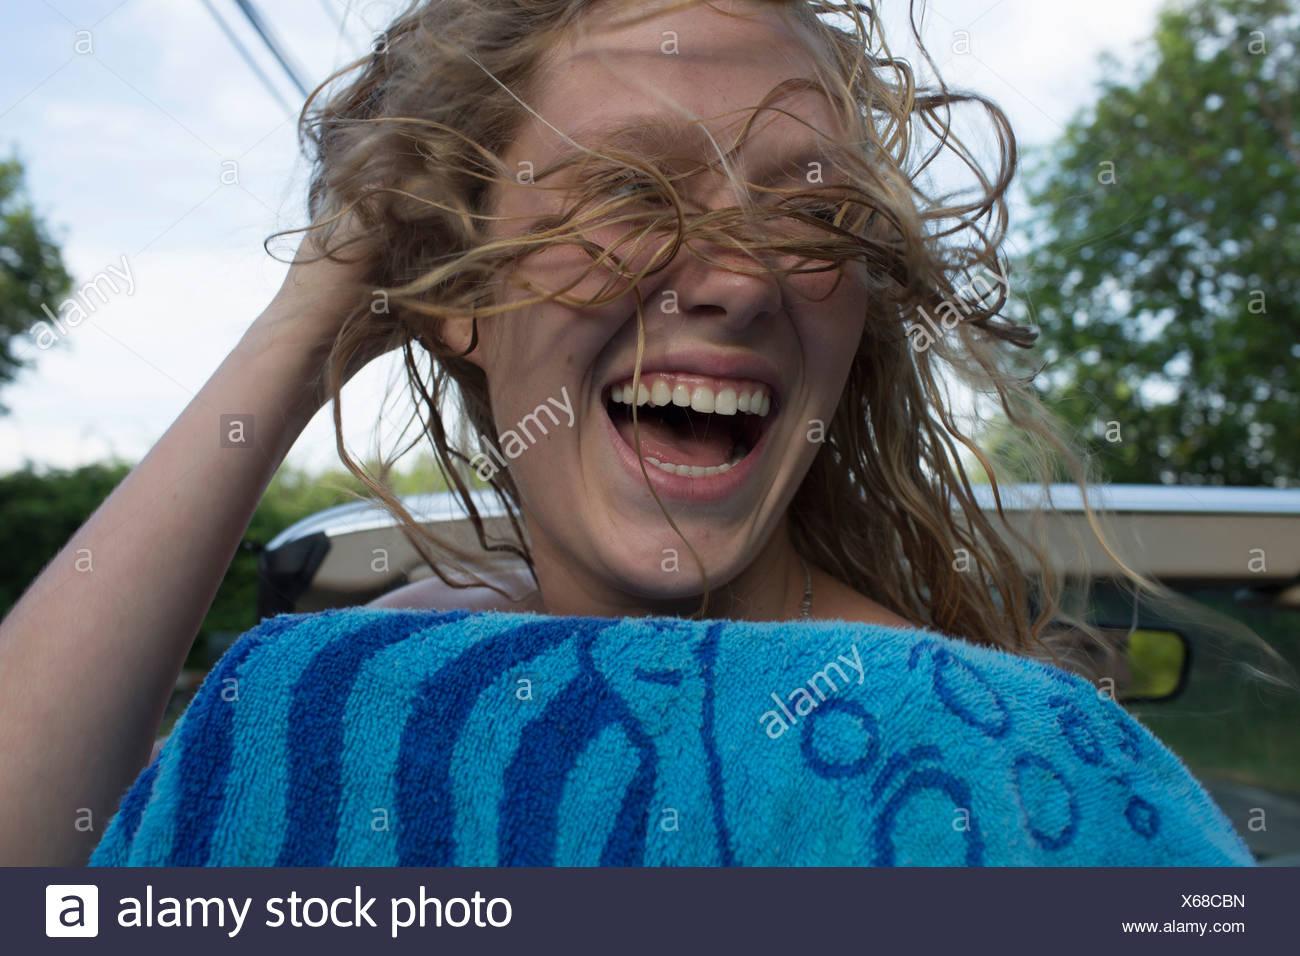 Adolescente expresar felicidad y libertad Imagen De Stock